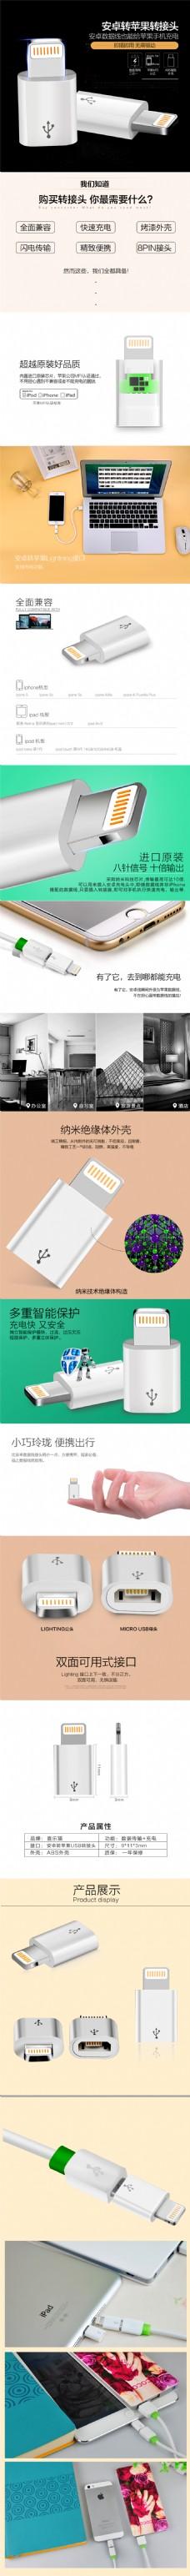 淘宝USB苹果转接头安卓充电头爆款详情页